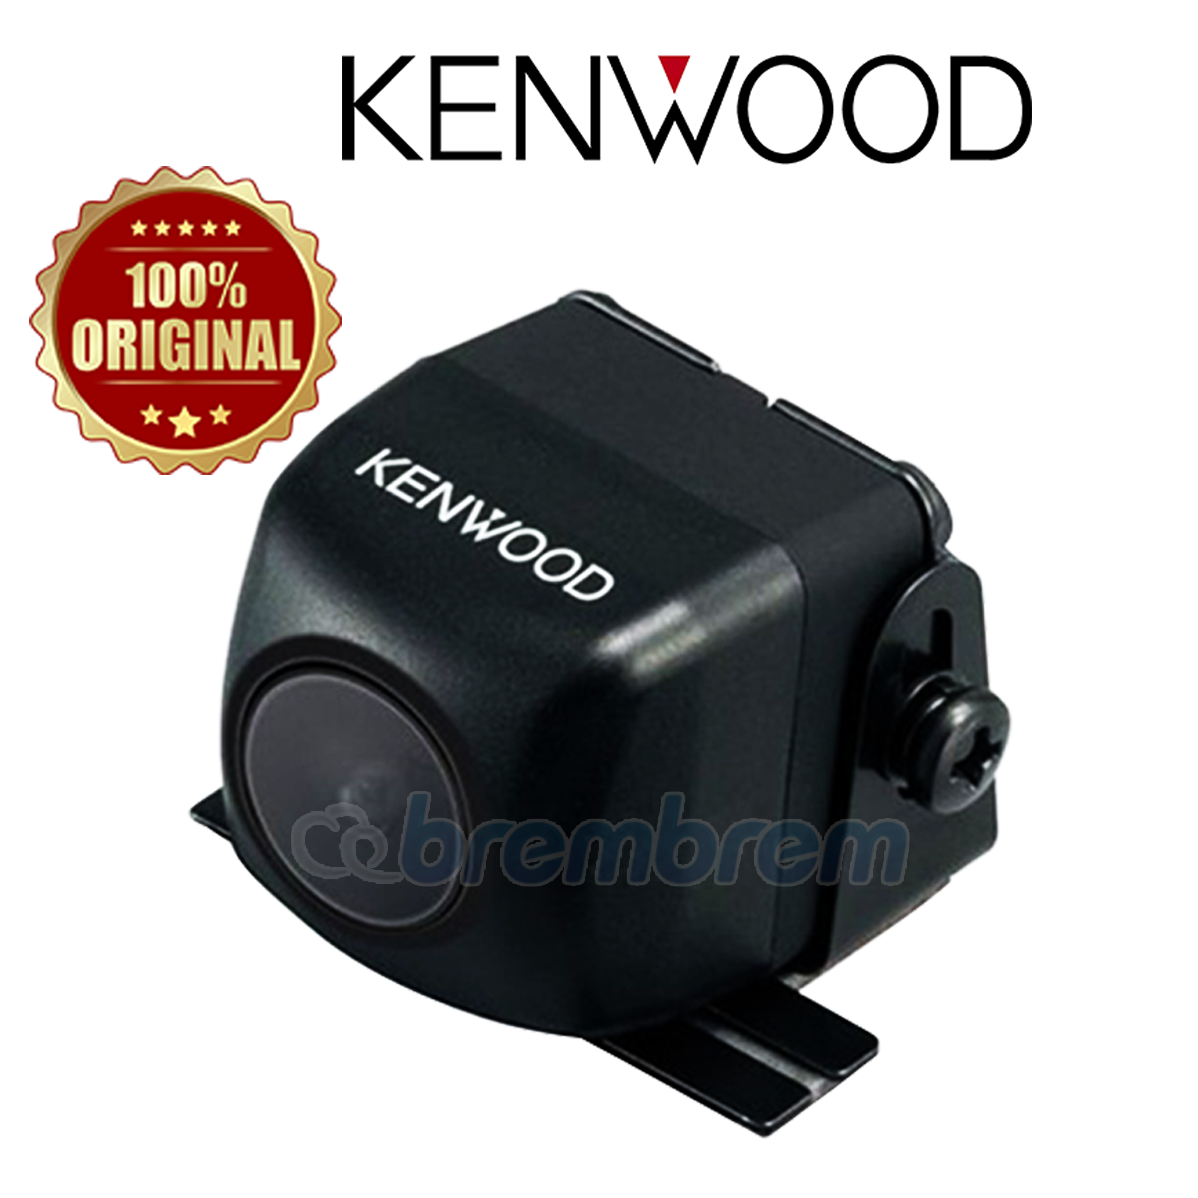 KENWOOD CMOS 130 - KAMERA MUNDUR